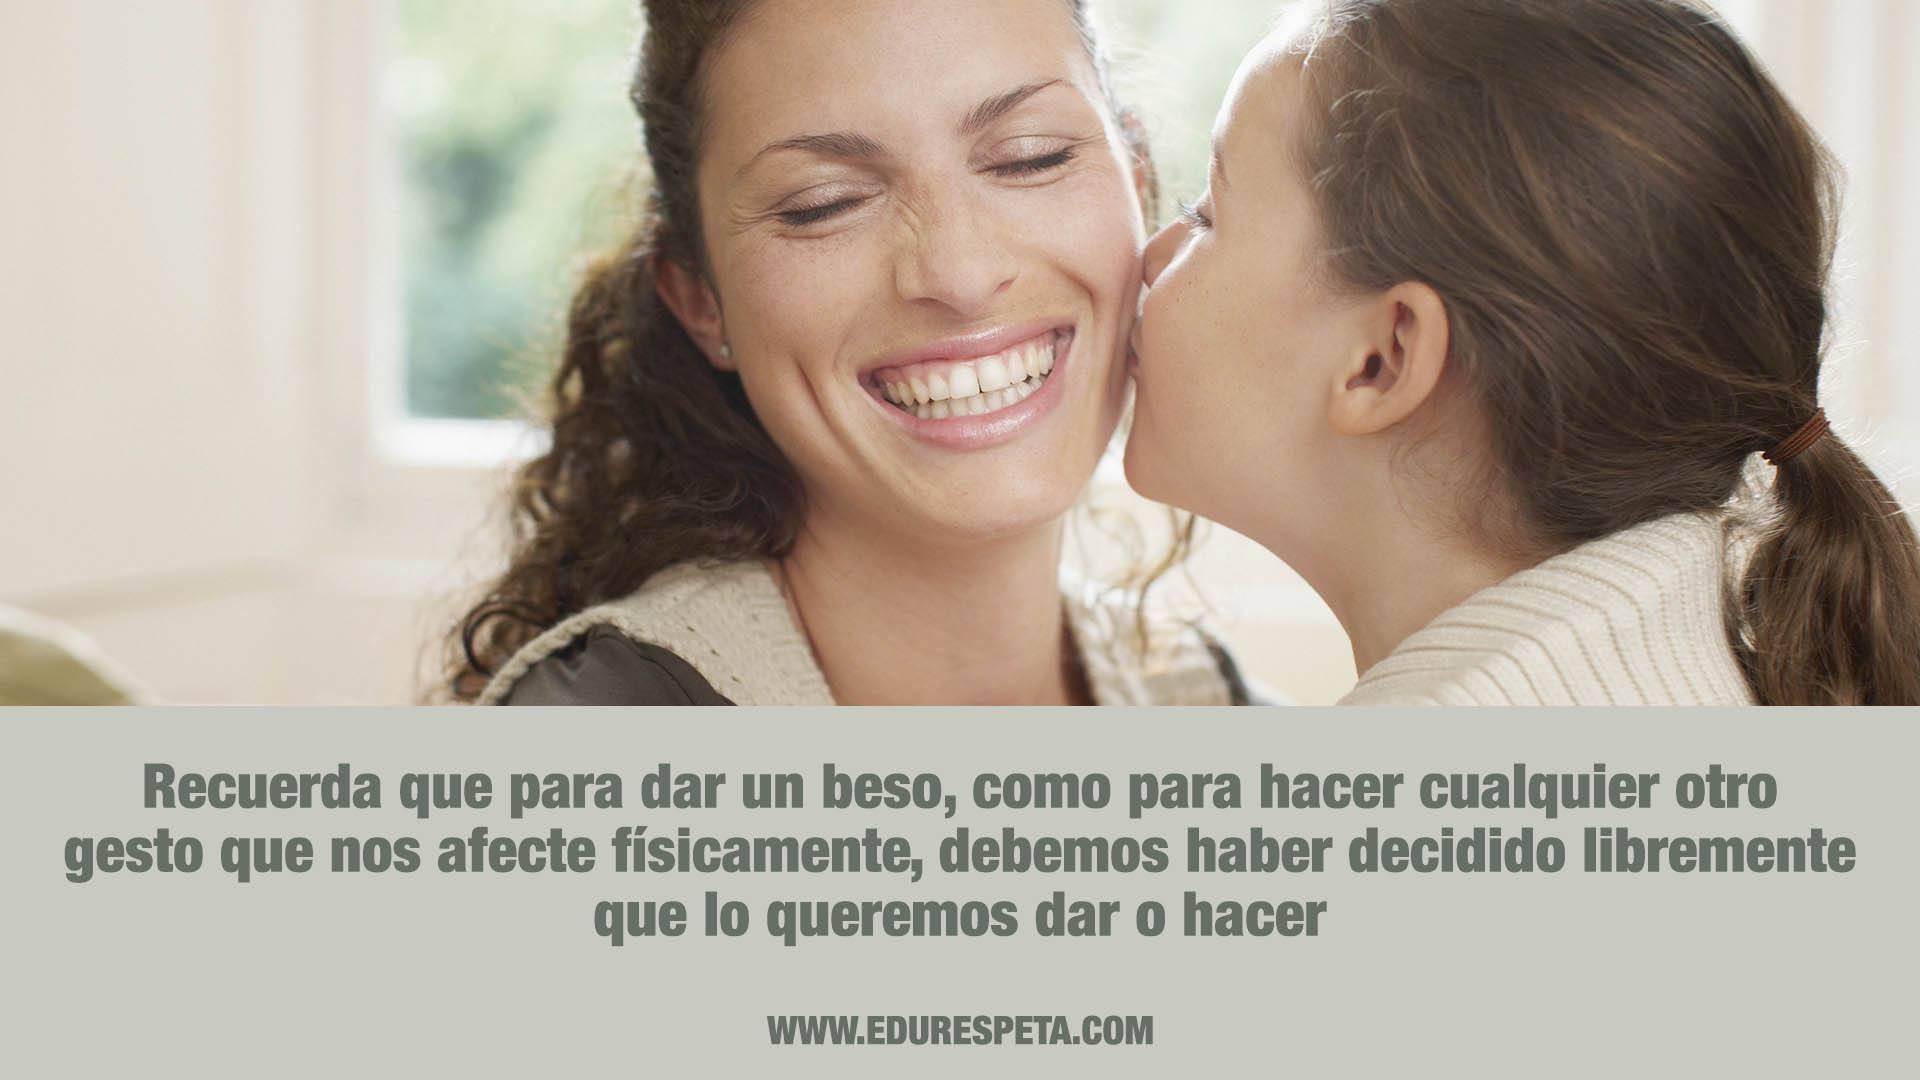 Recuerda que para dar un beso, como para cualquier otro gesto que nos afecte físicamente, debemos haber decidido libremente que lo queremos dar o hacer